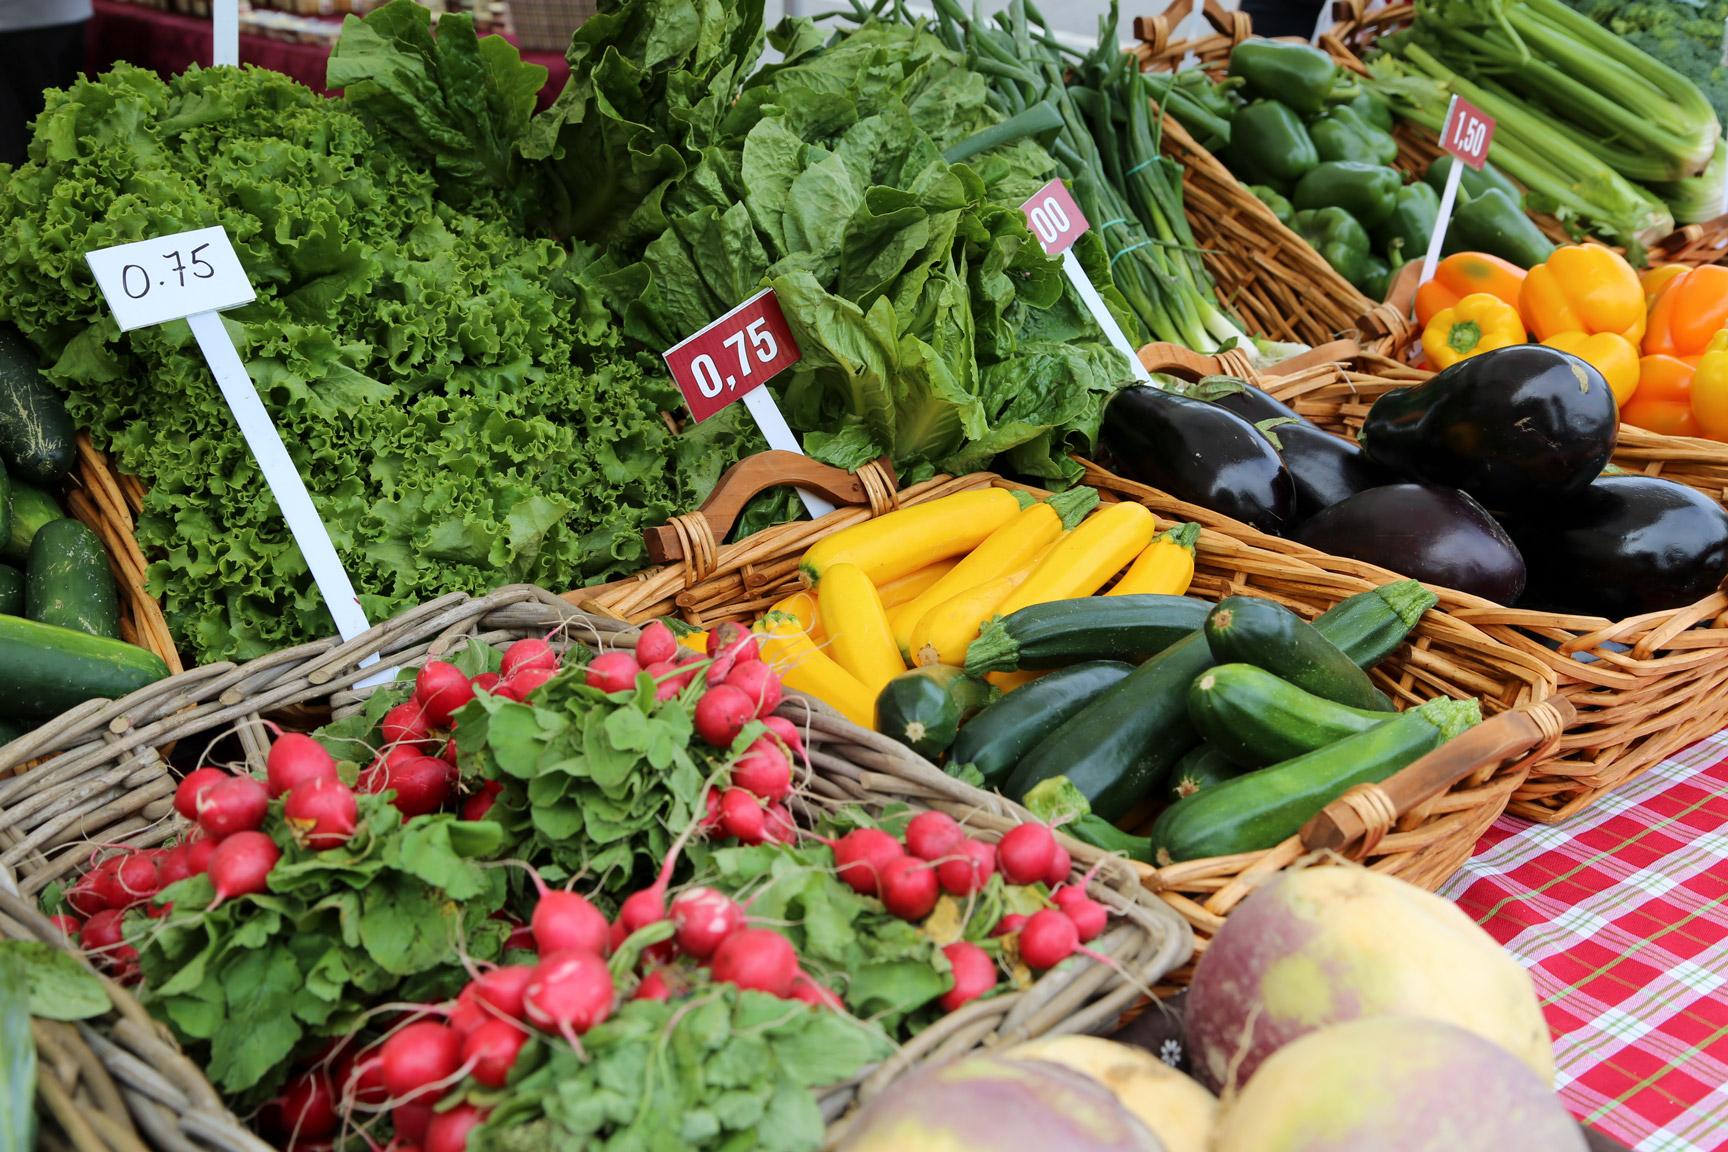 5 marchés publics à découvrir sur la Rive-Nord